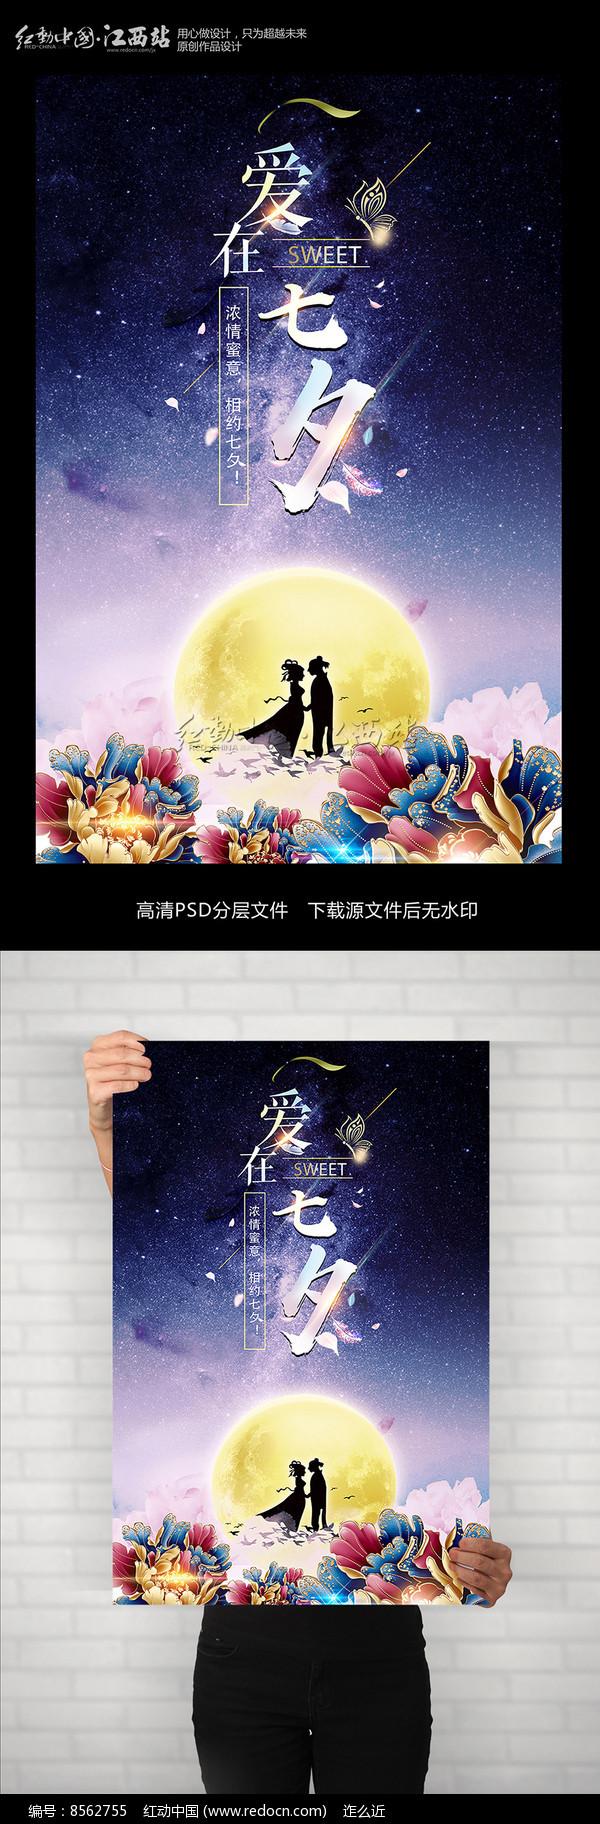 七夕浪漫创意海报图片